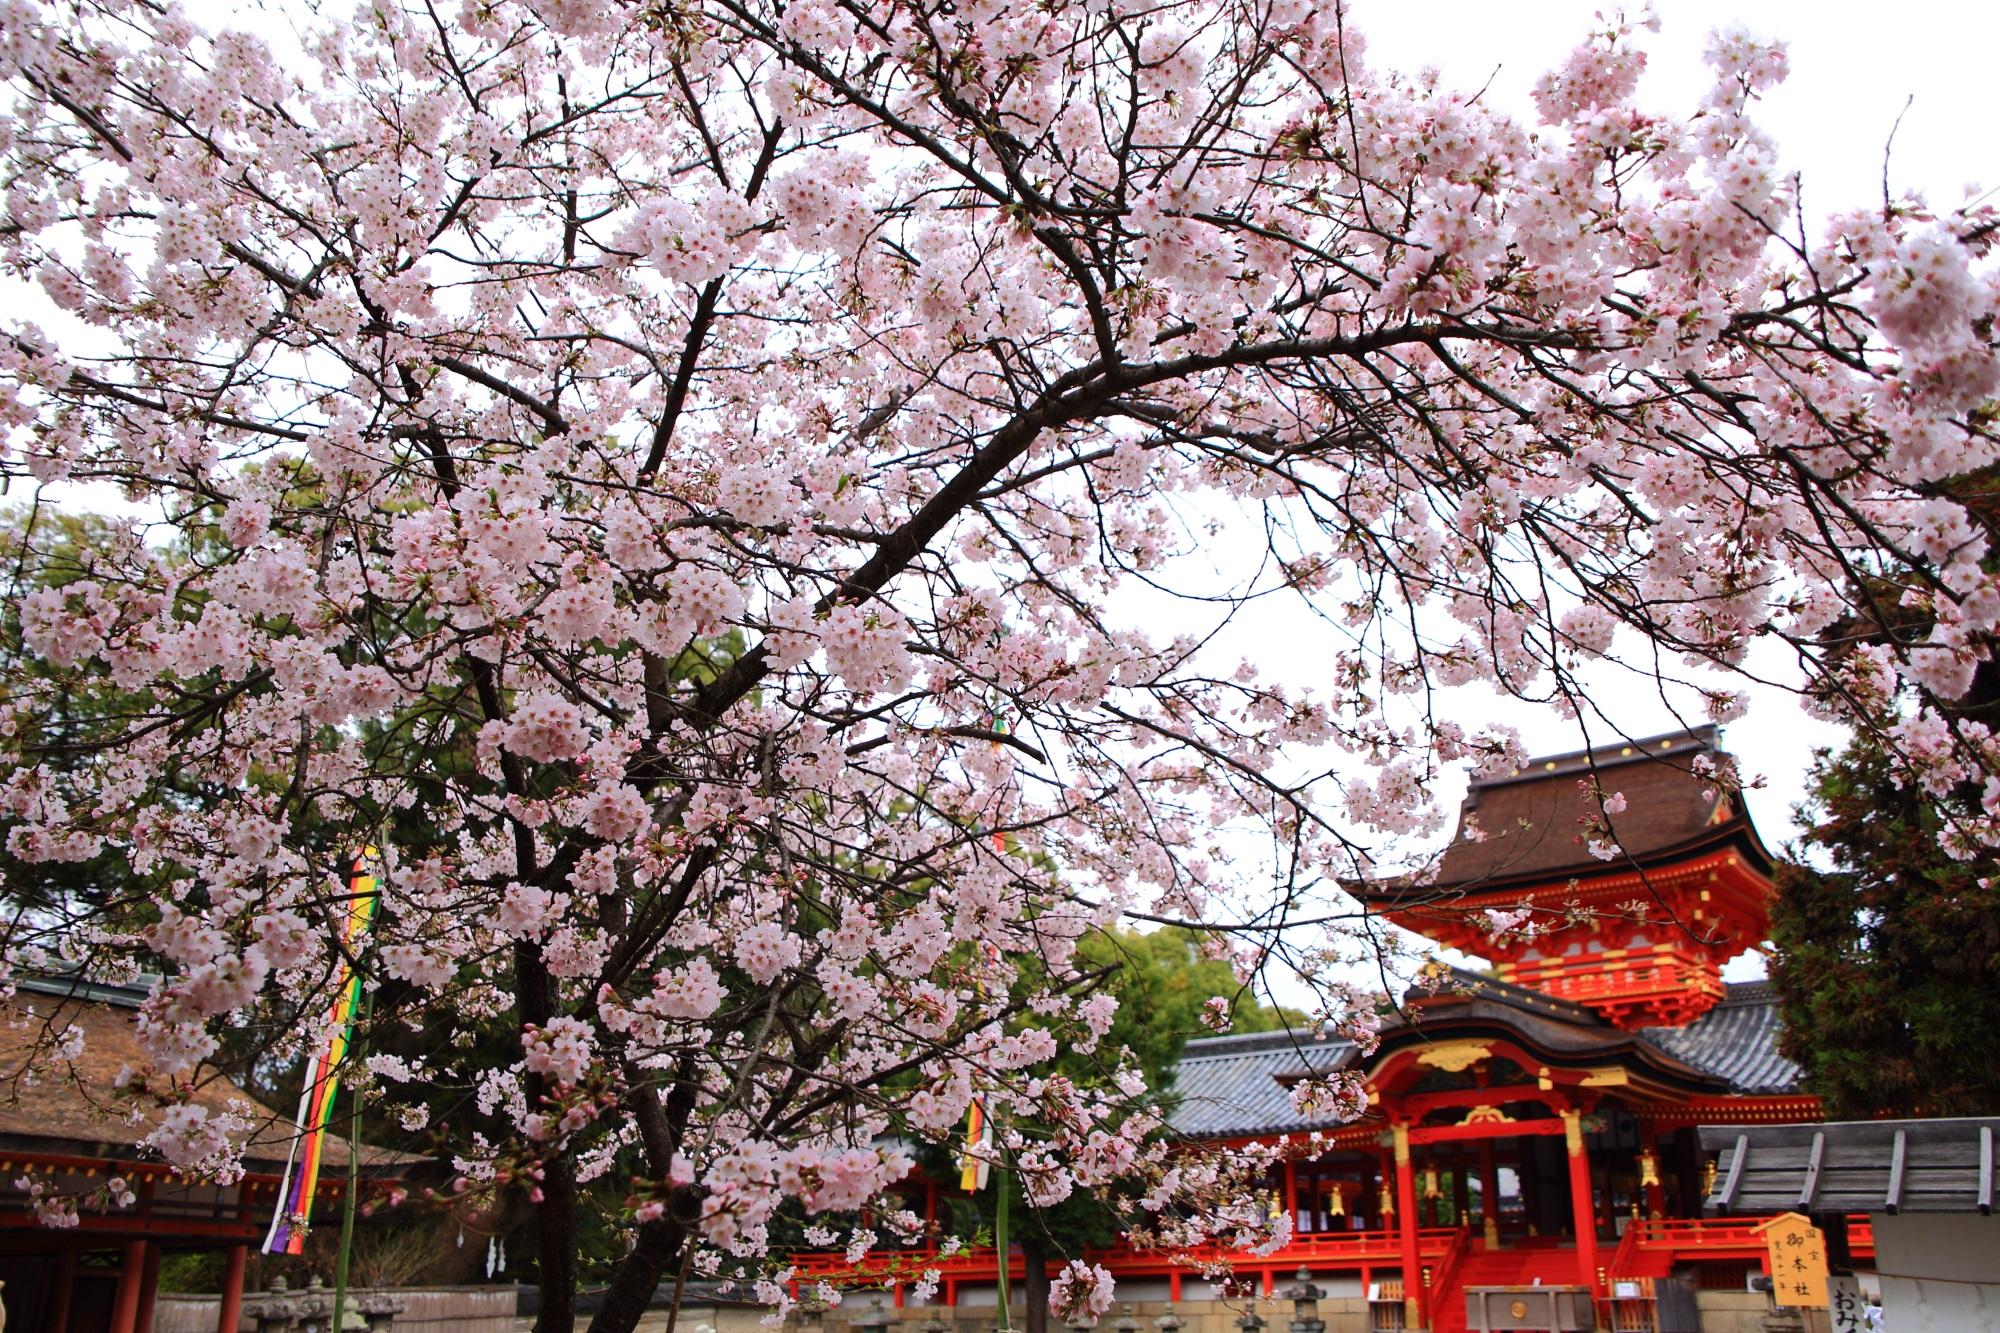 鮮やかな色合いの本殿に降り注ぐピンクの桜